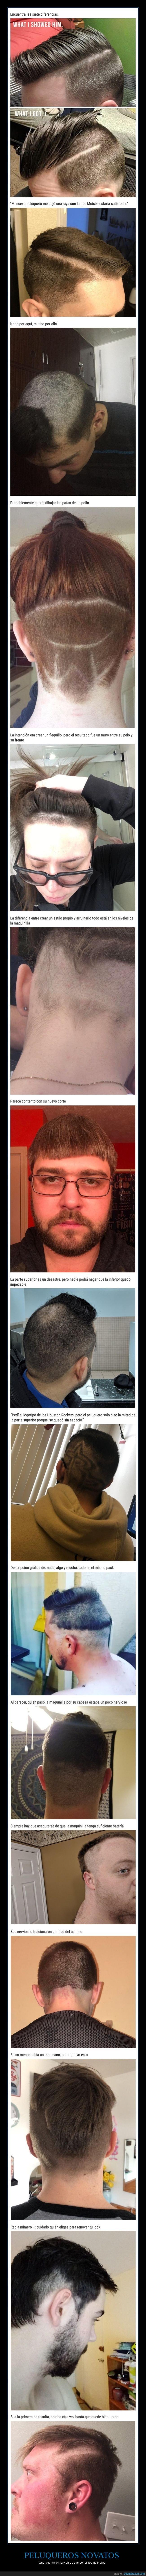 cortes de pelo,fails,peluqueros